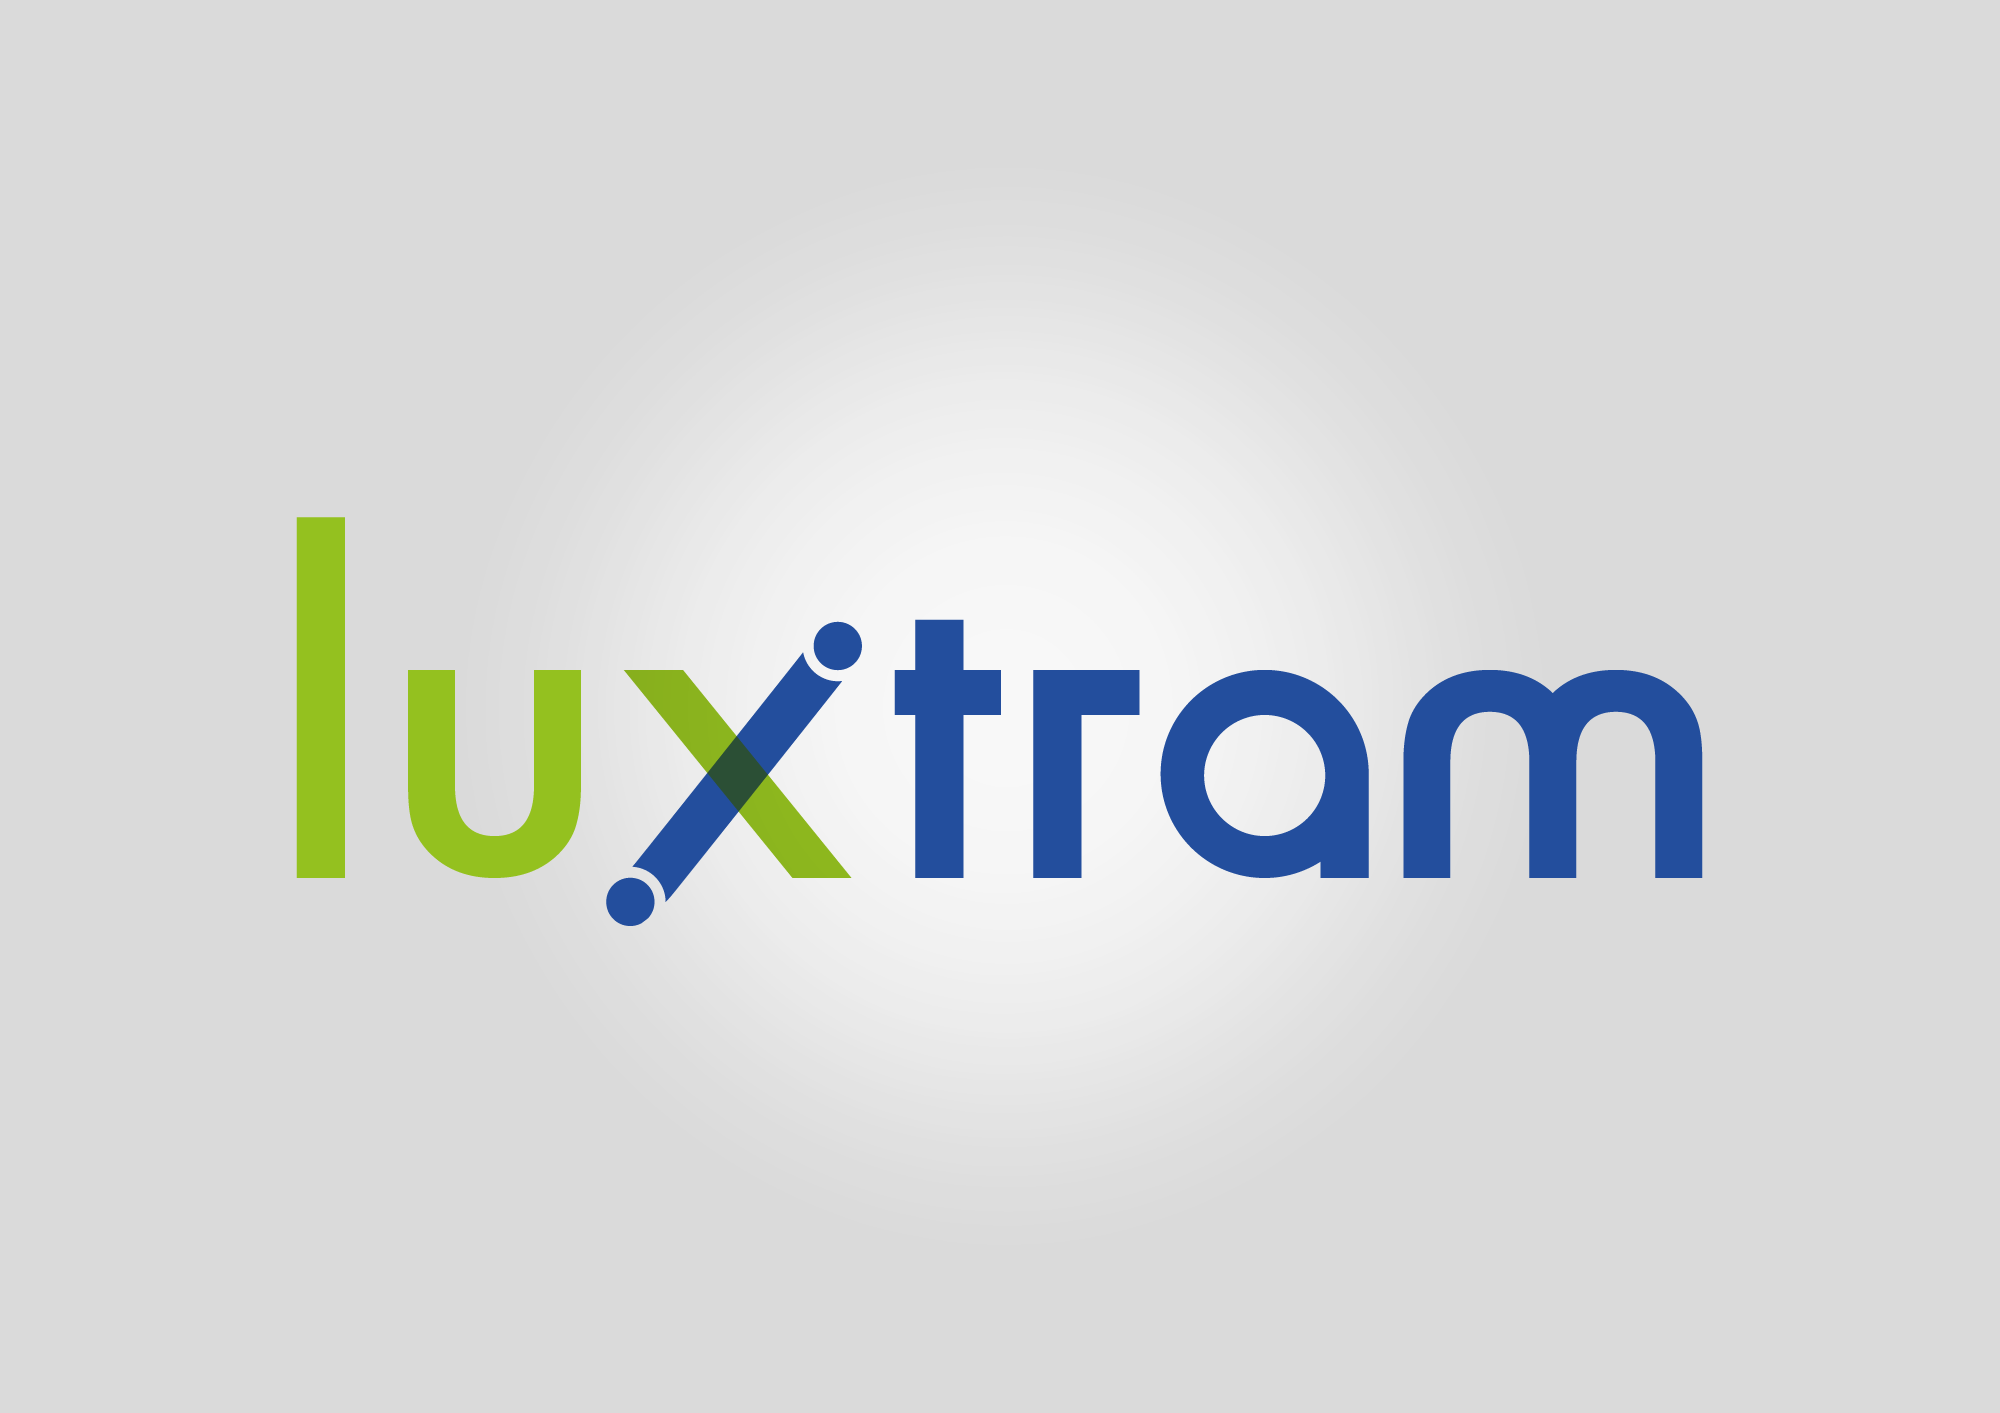 luXtram-logo-s